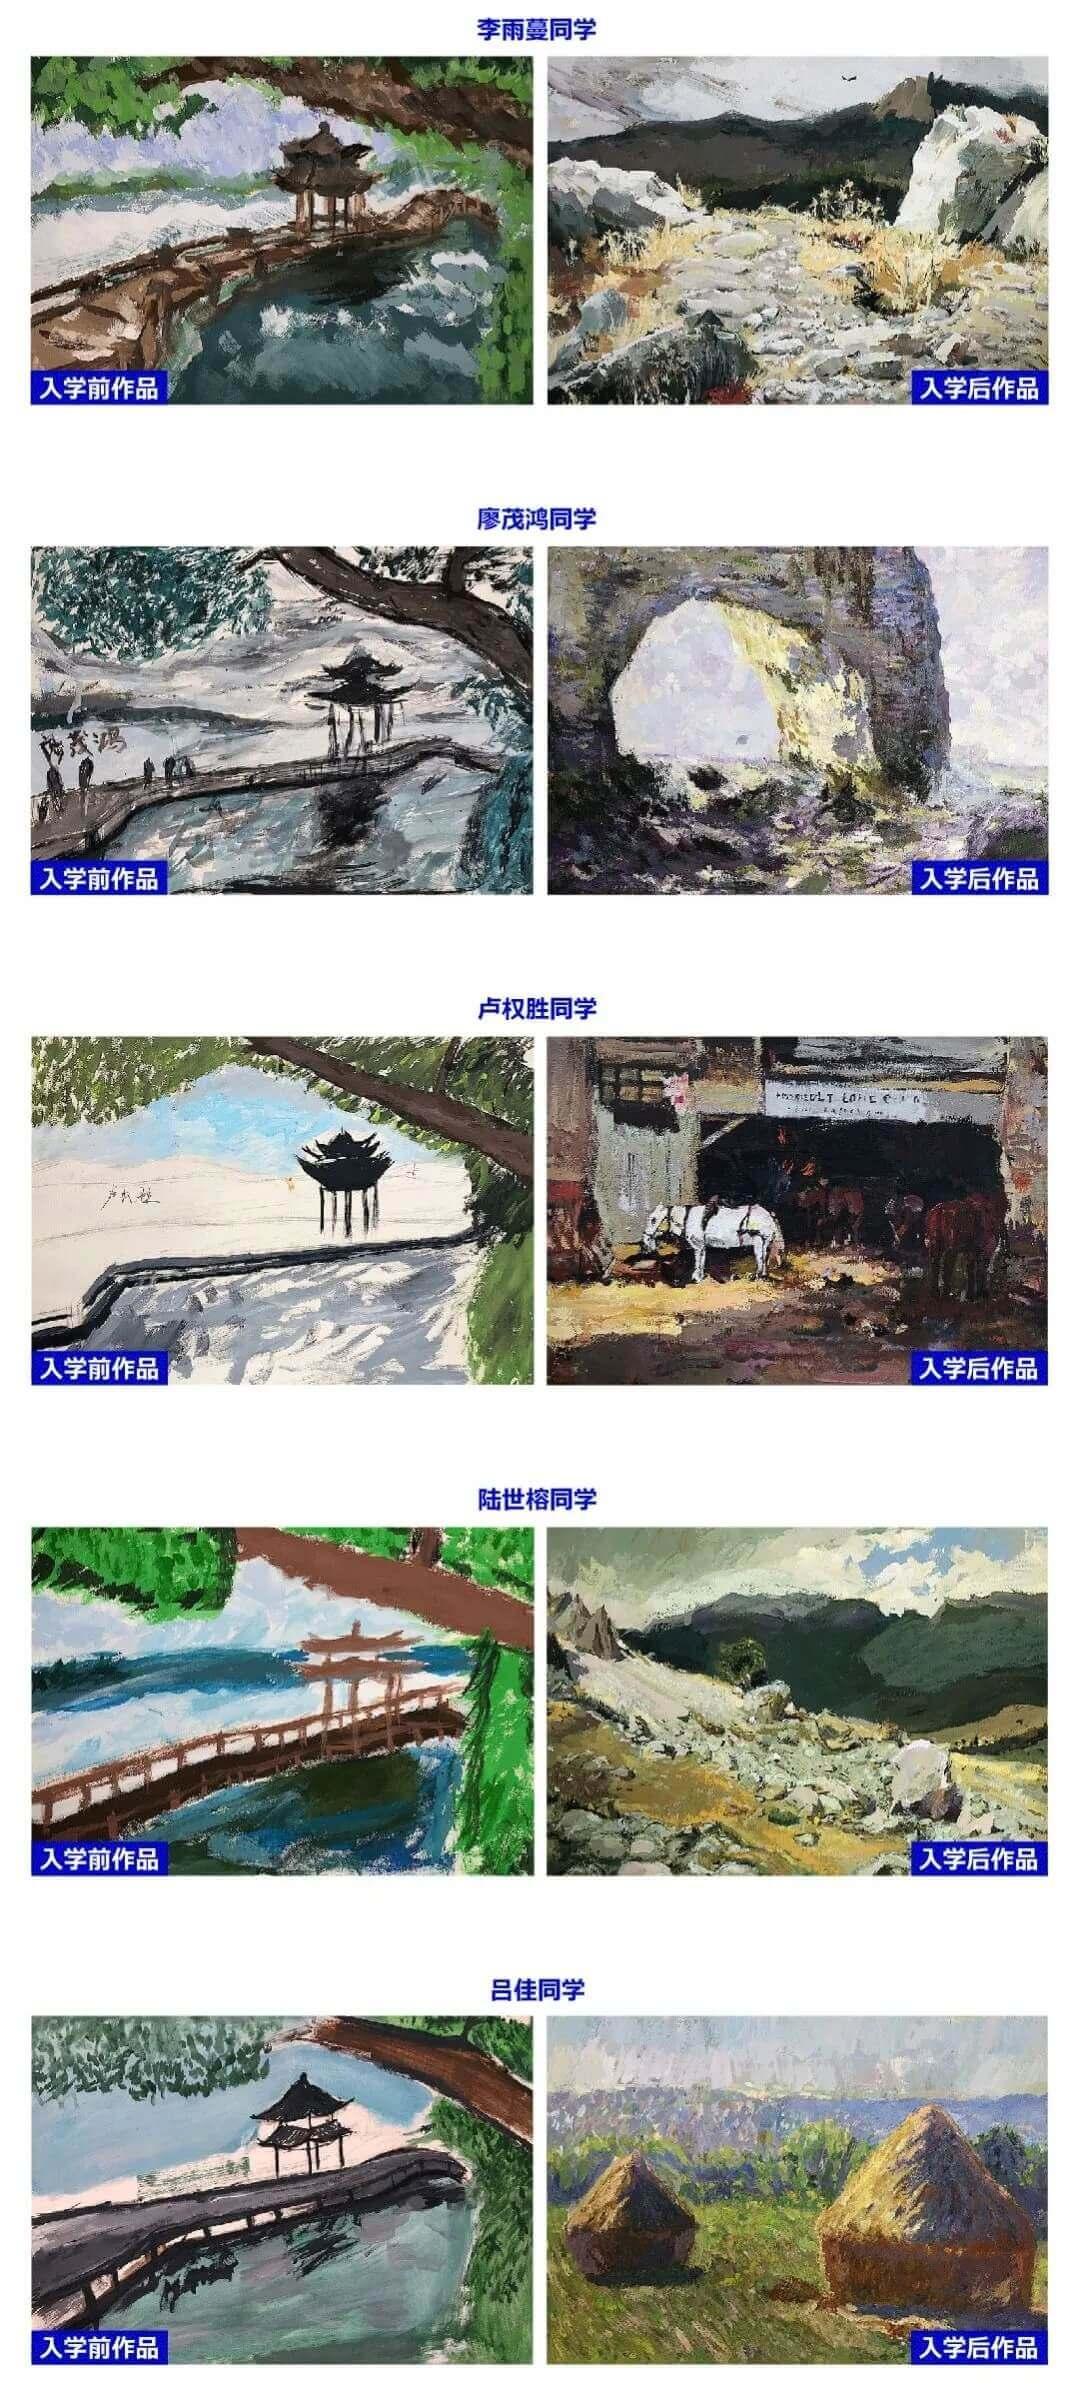 杭州画室,杭州画室暑假班,杭州画室招生,10